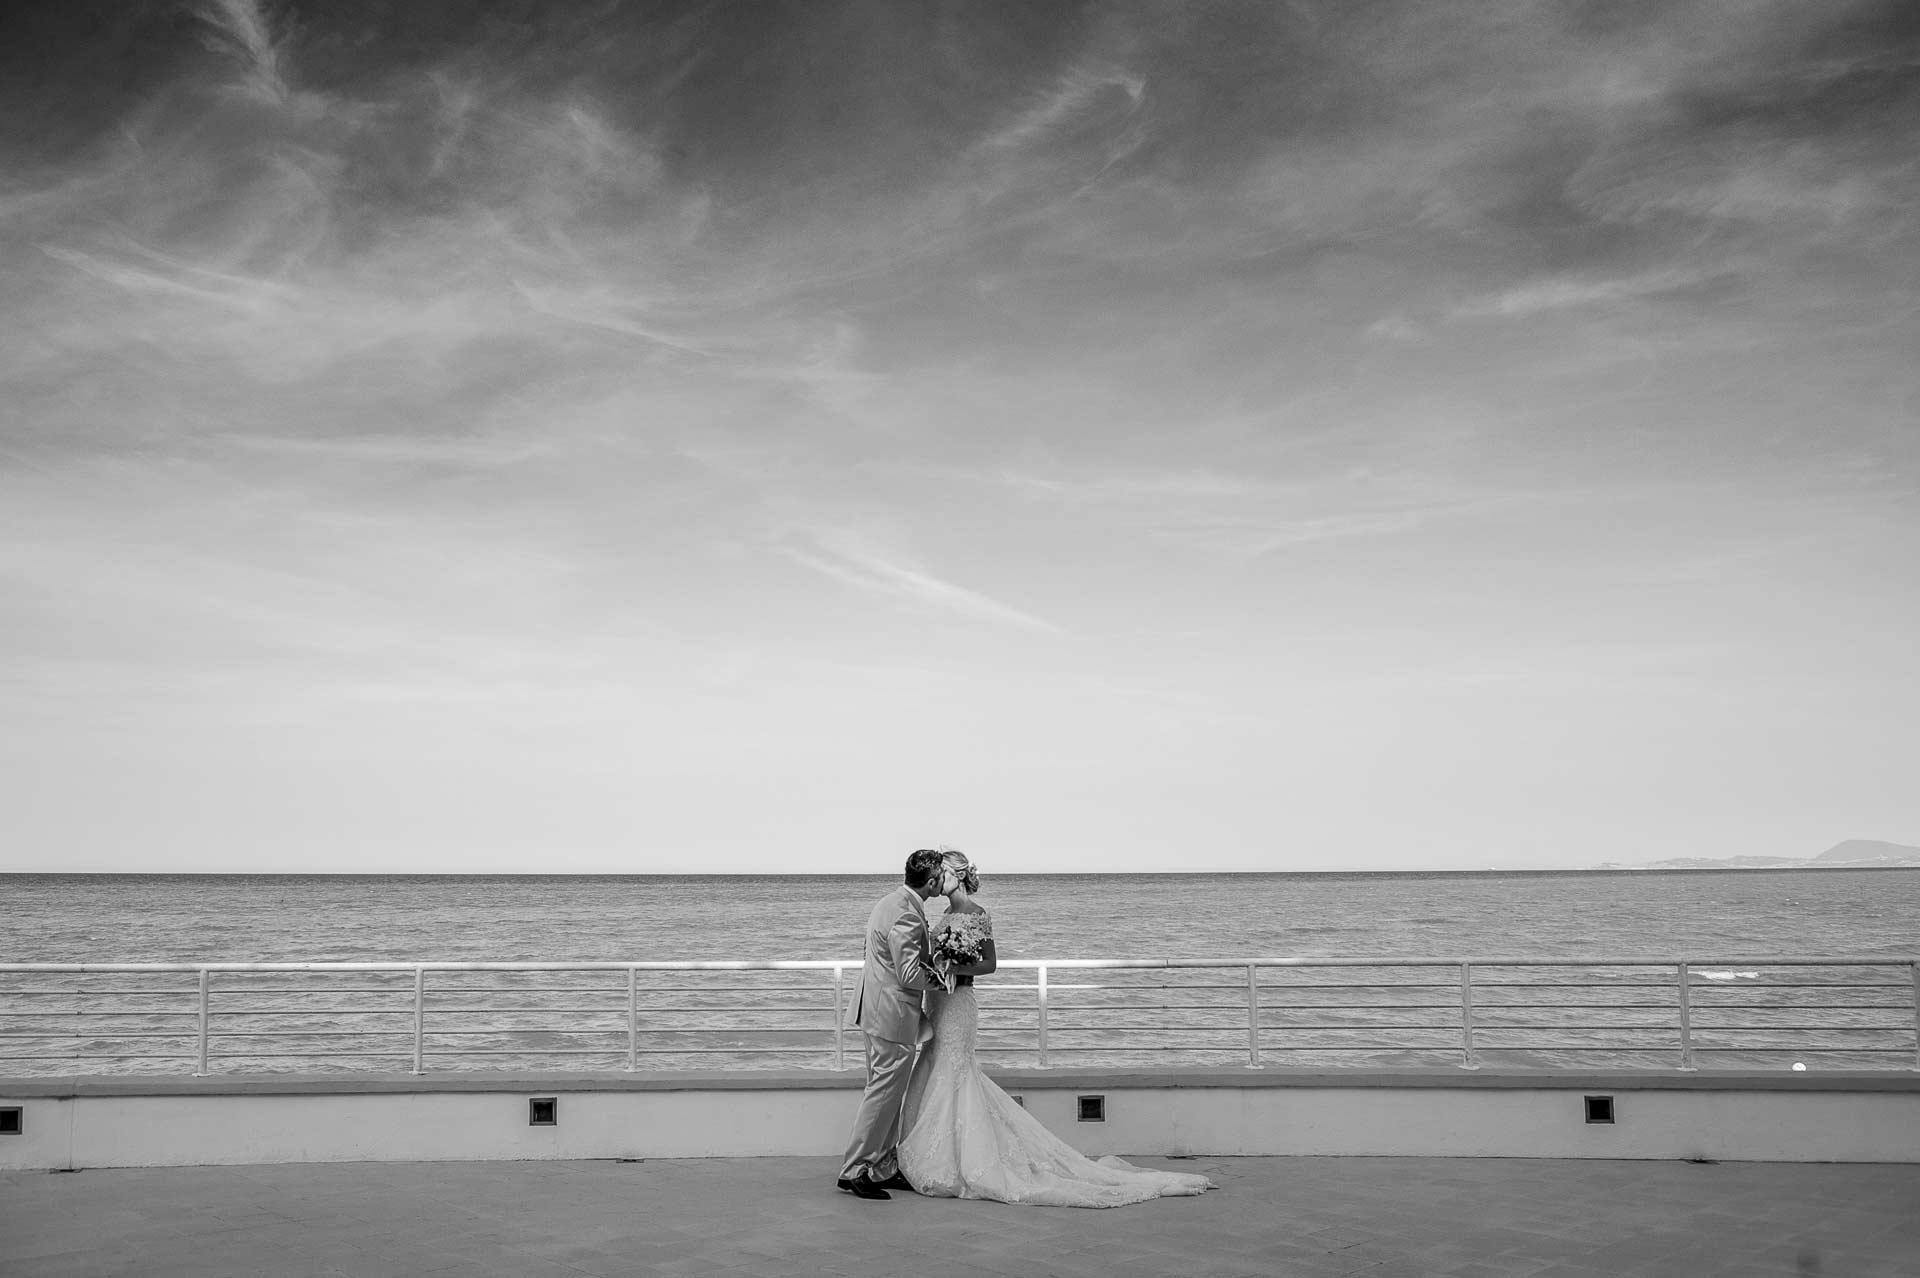 fotografo professionista italia, fotografia di matrimonio bacio sposi al mare